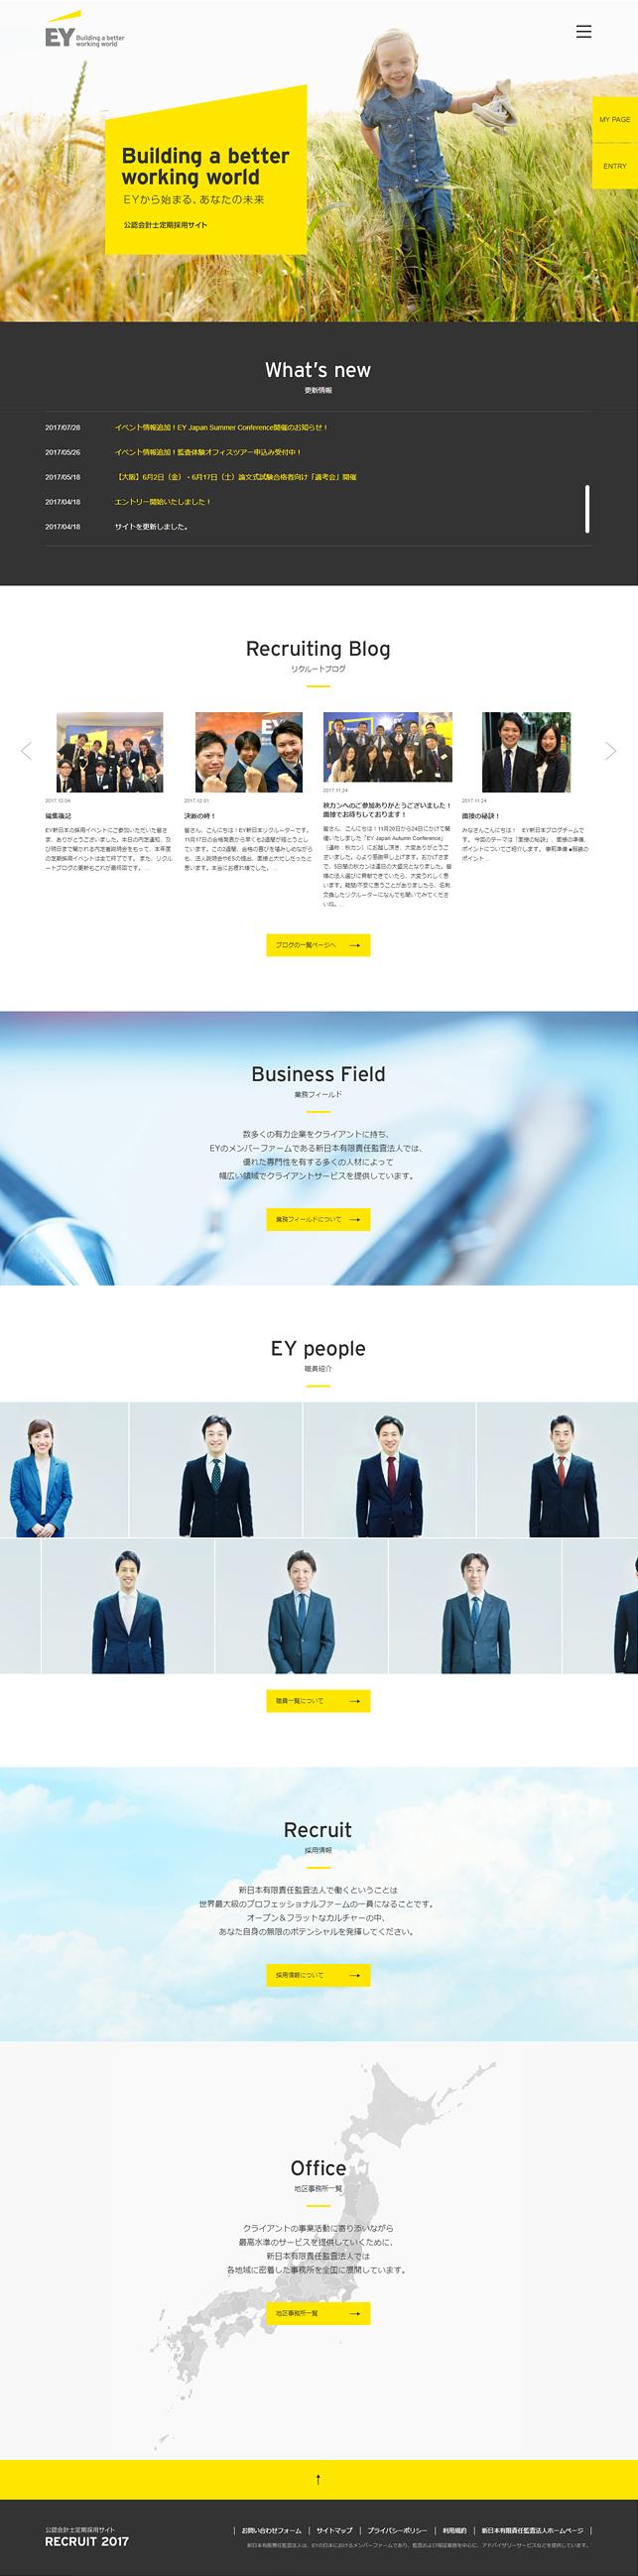 新日本有限責任監査法人・会計・税務・専門コンサルティングサービスウェブデザイン実績1p